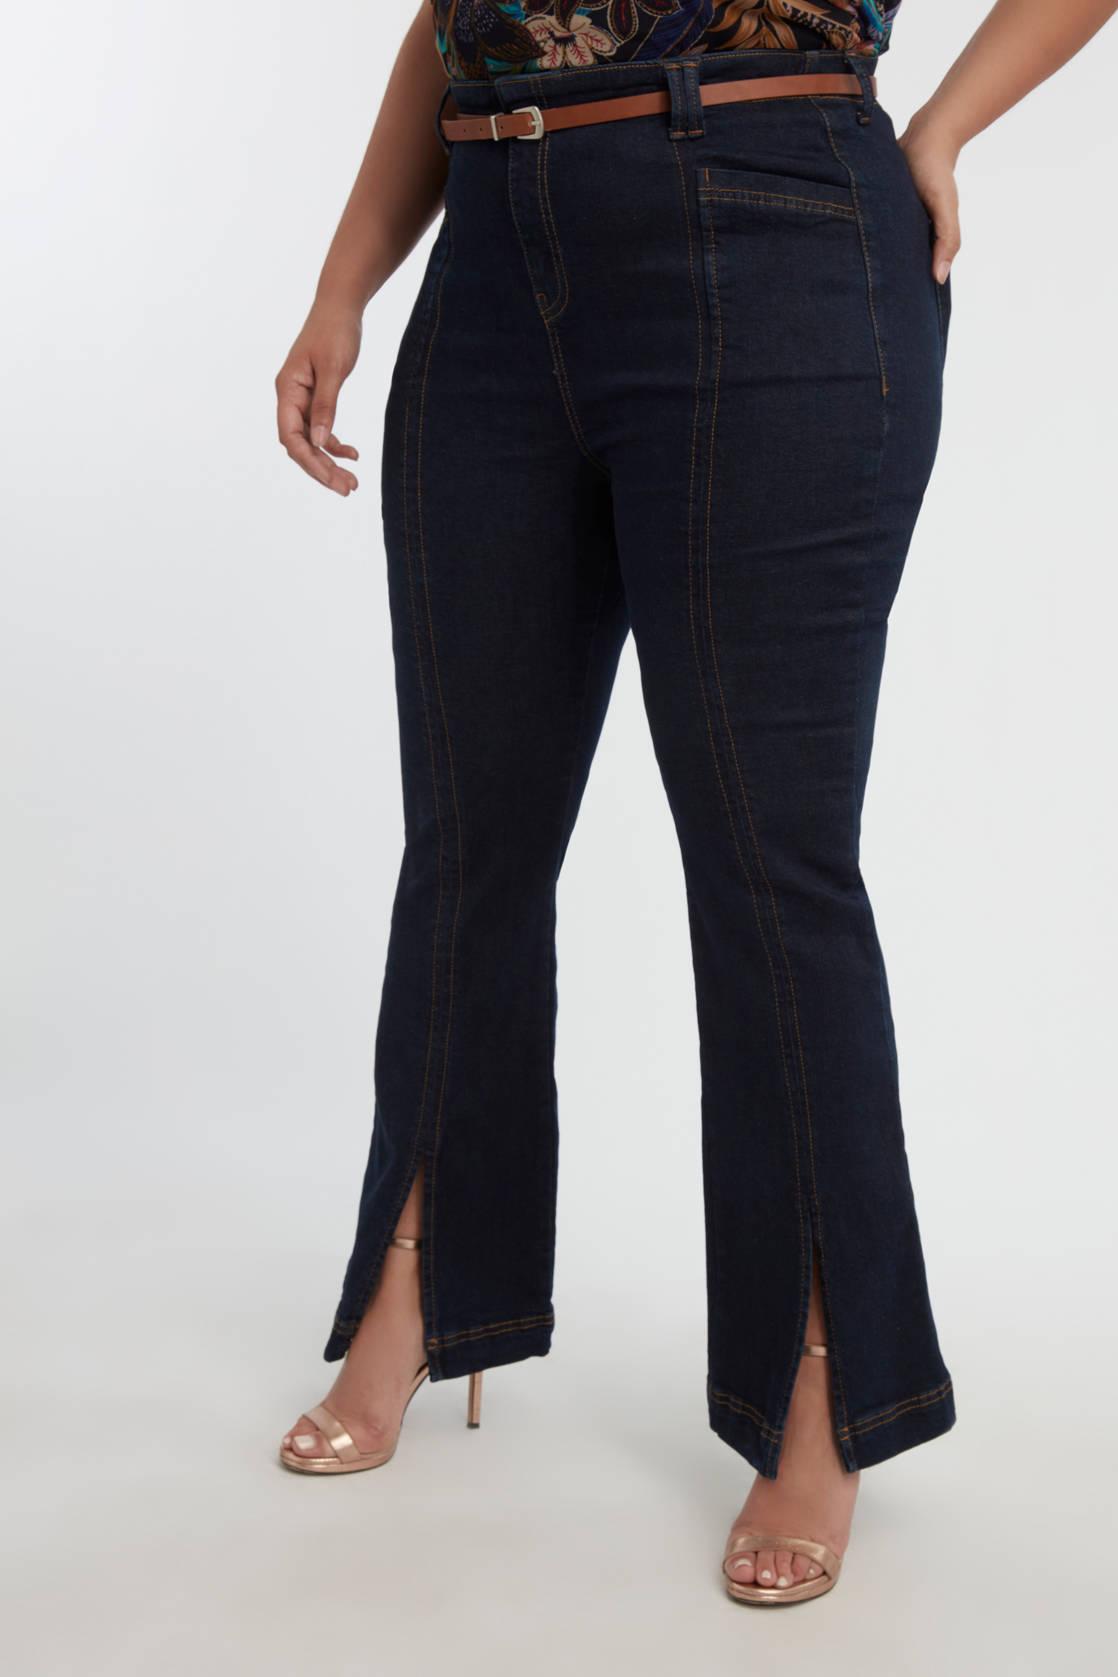 MS Mode damesbroeken bij wehkamp Gratis bezorging vanaf 20.